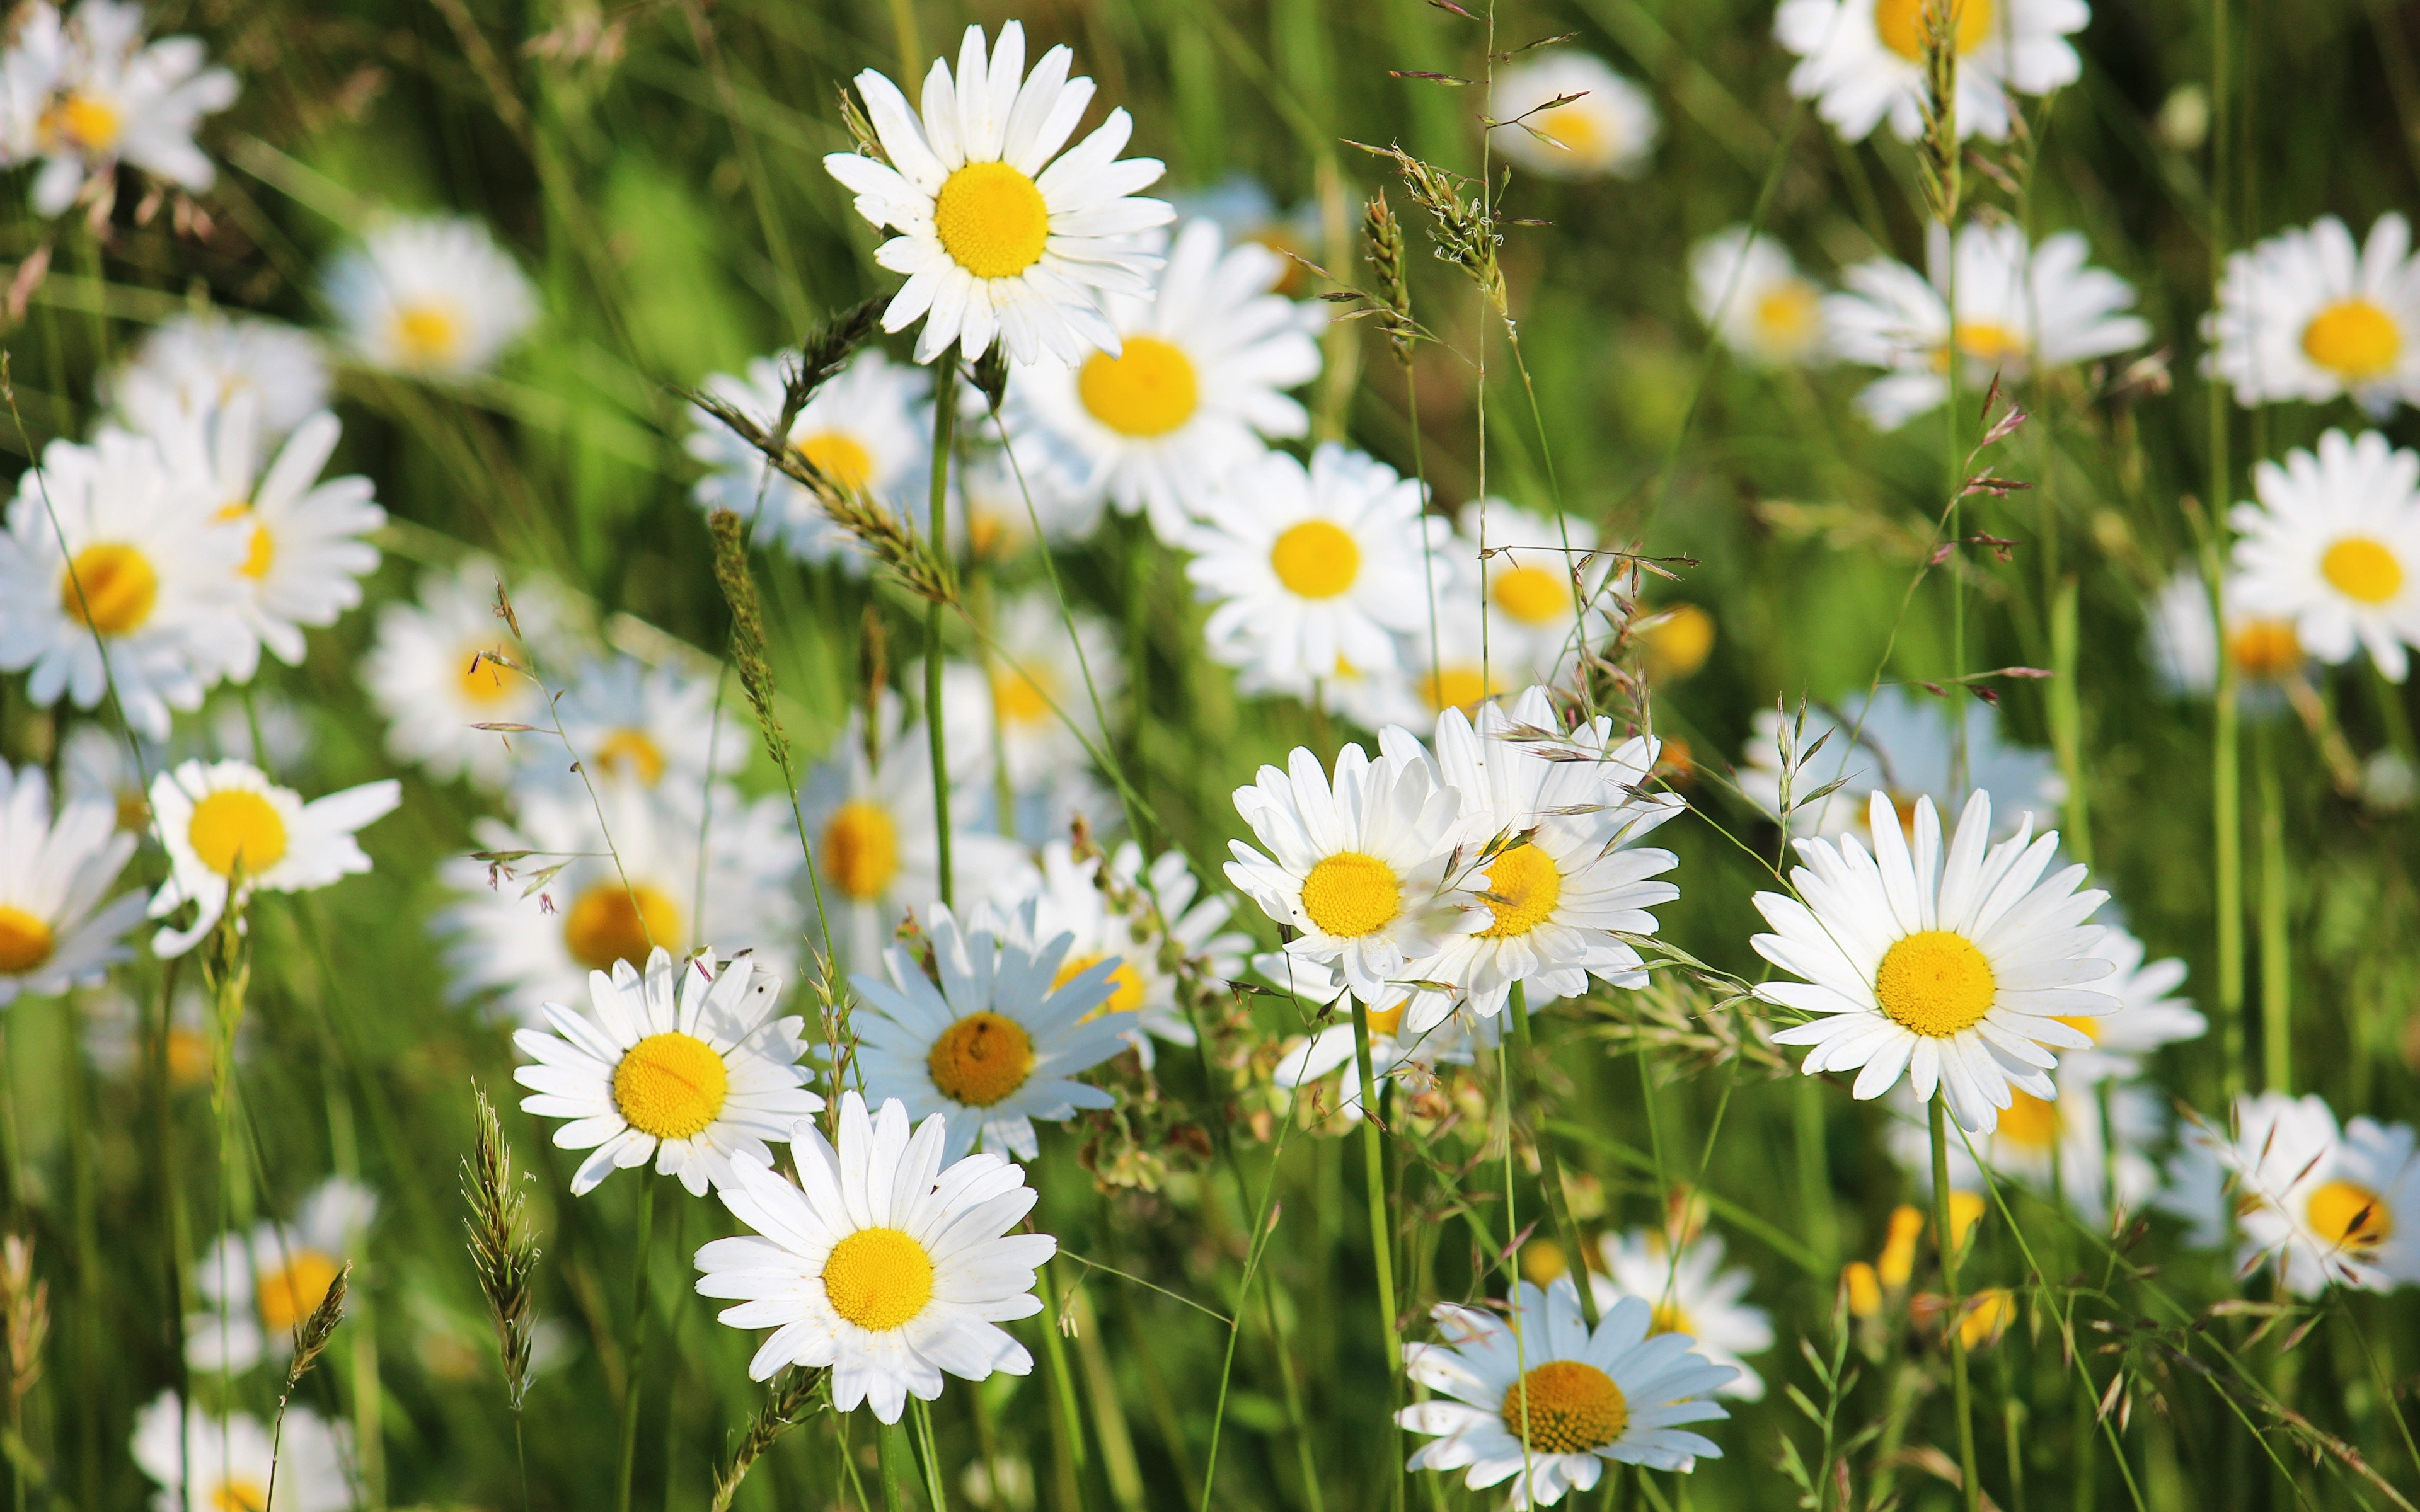 Картинка Размытый фон цветок ромашка Крупным планом 3840x2400 боке Цветы Ромашки вблизи